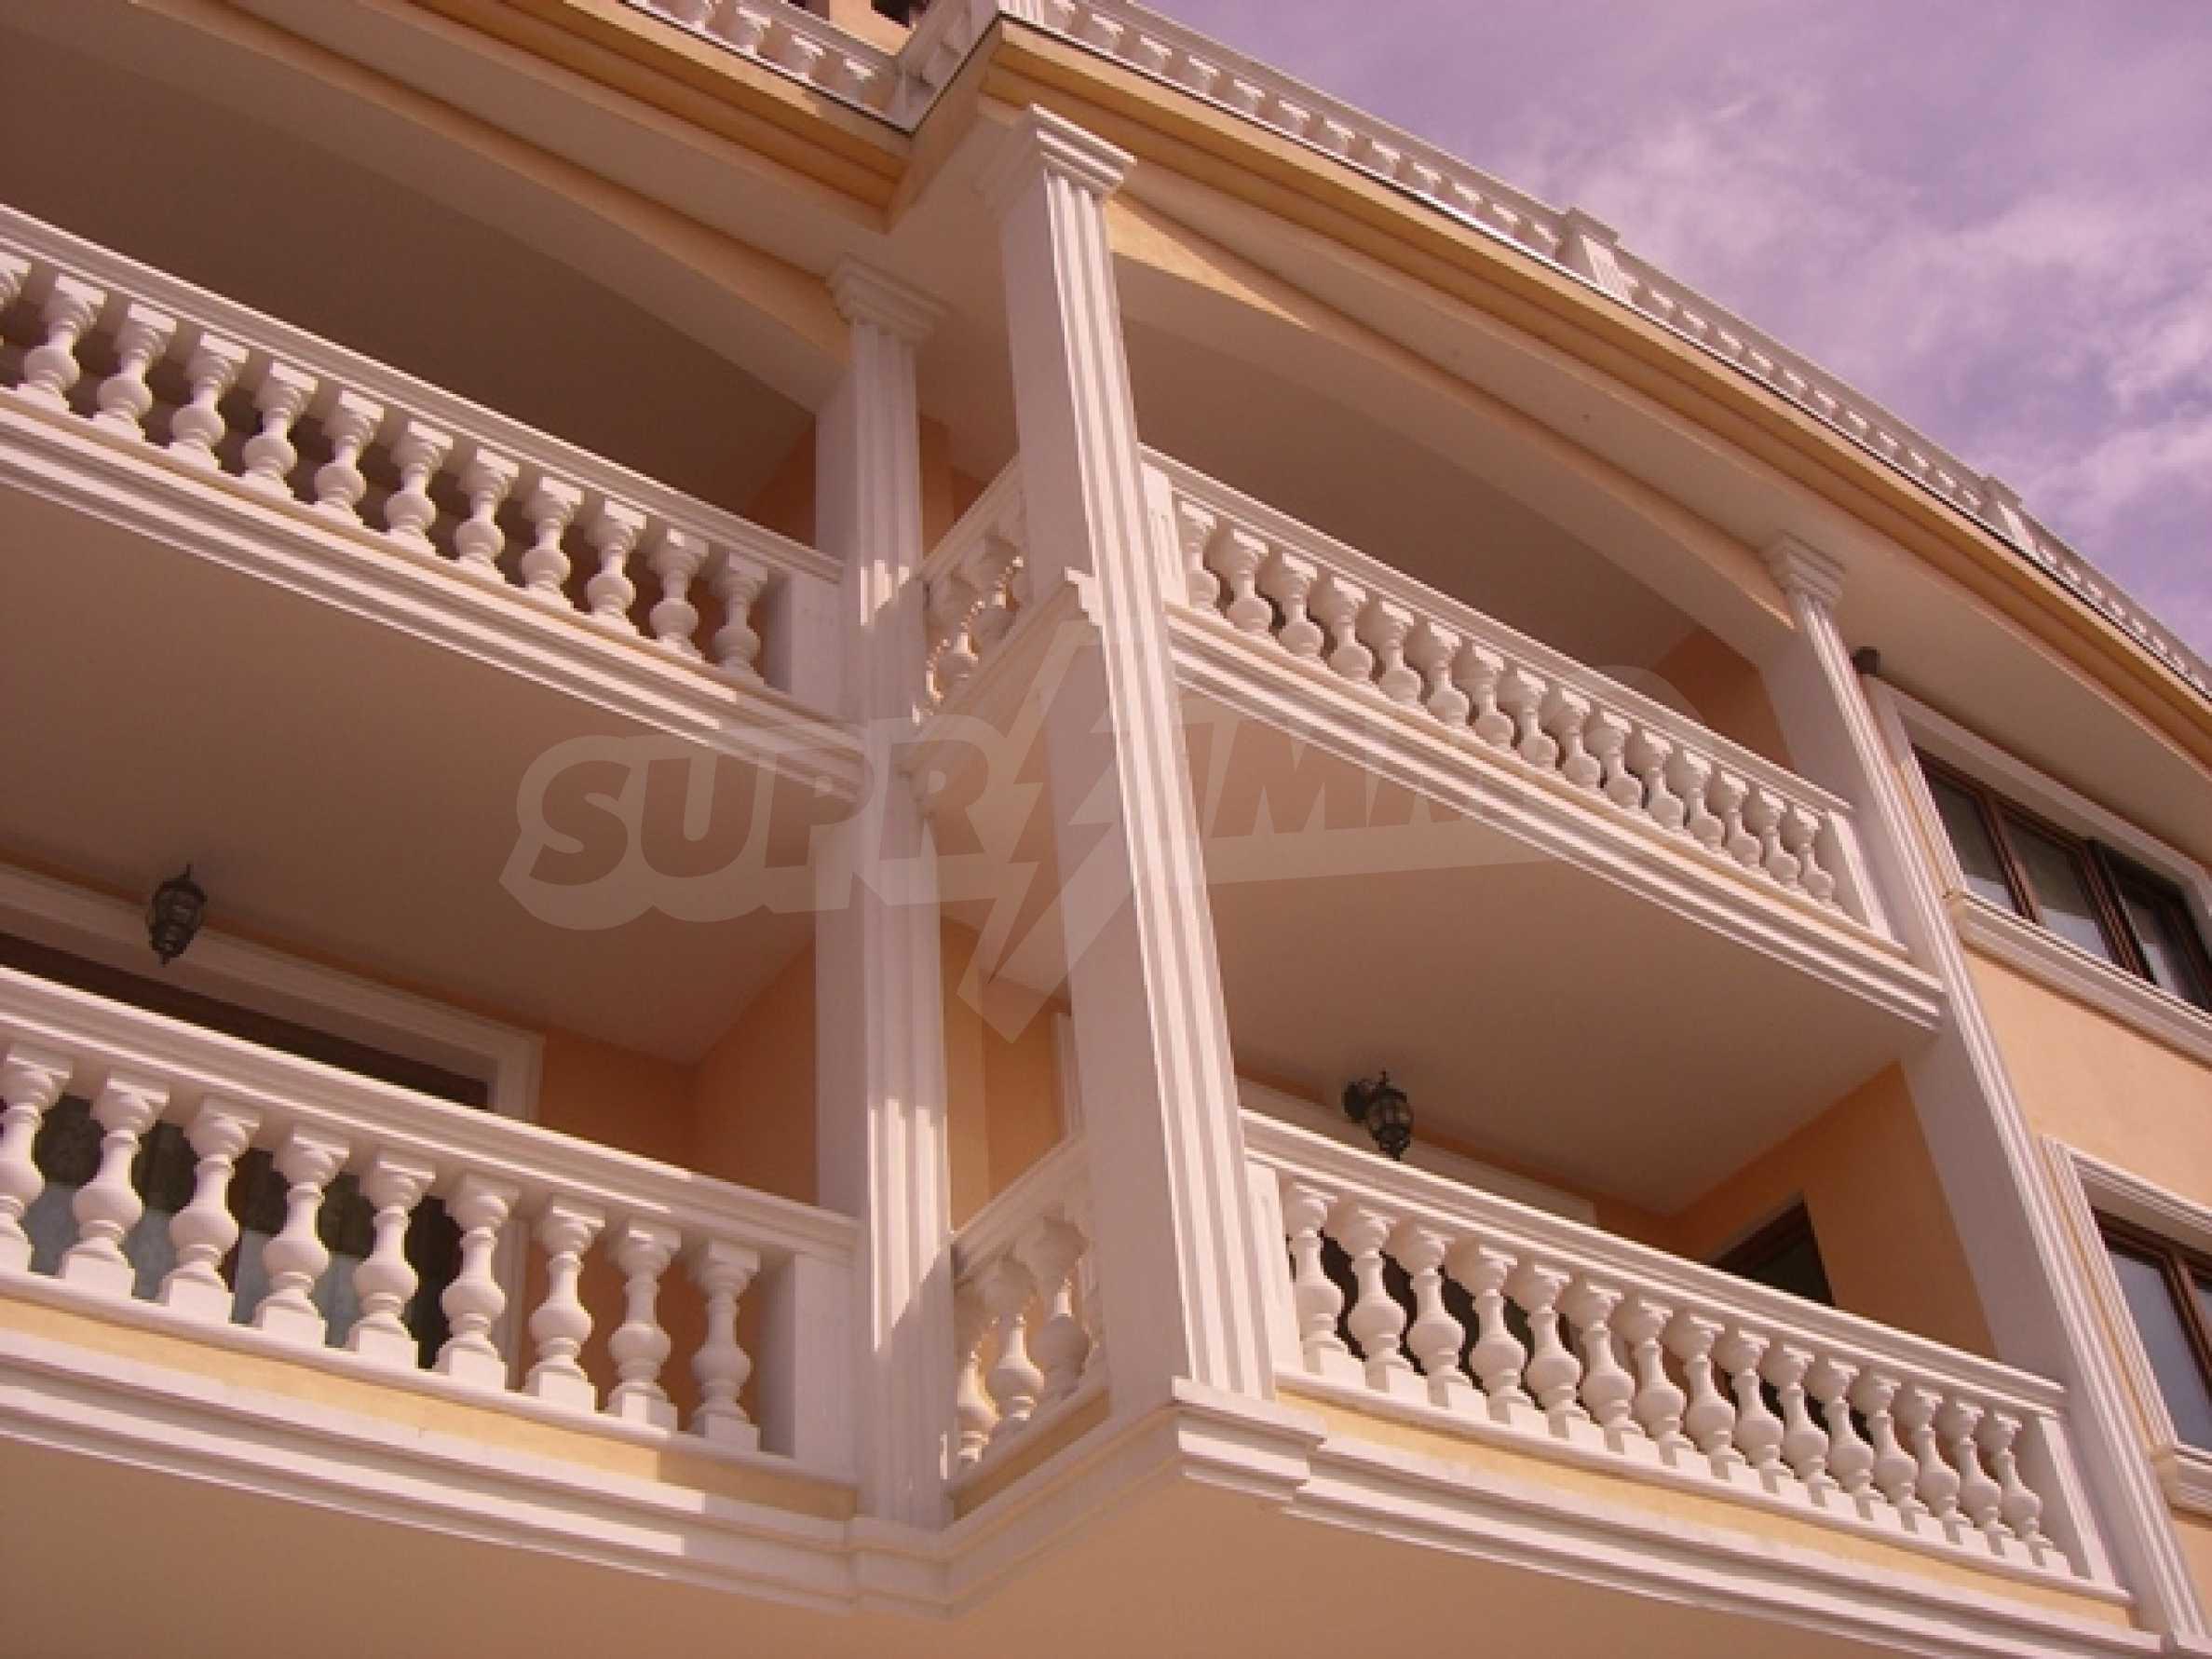 Residenz bulgarischen Traumhaus 2